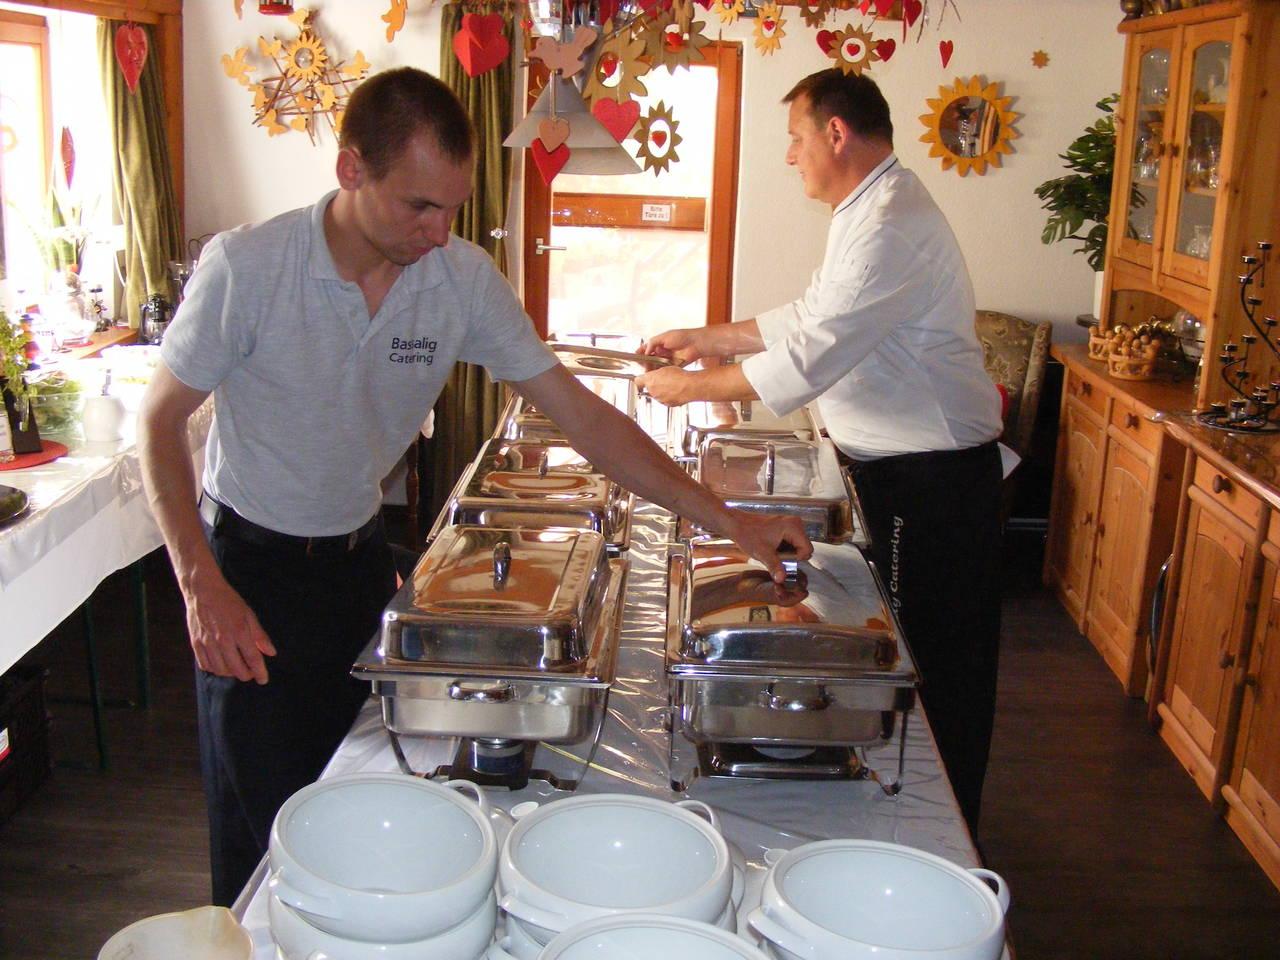 Der Catering-Service liefert das Festmahl